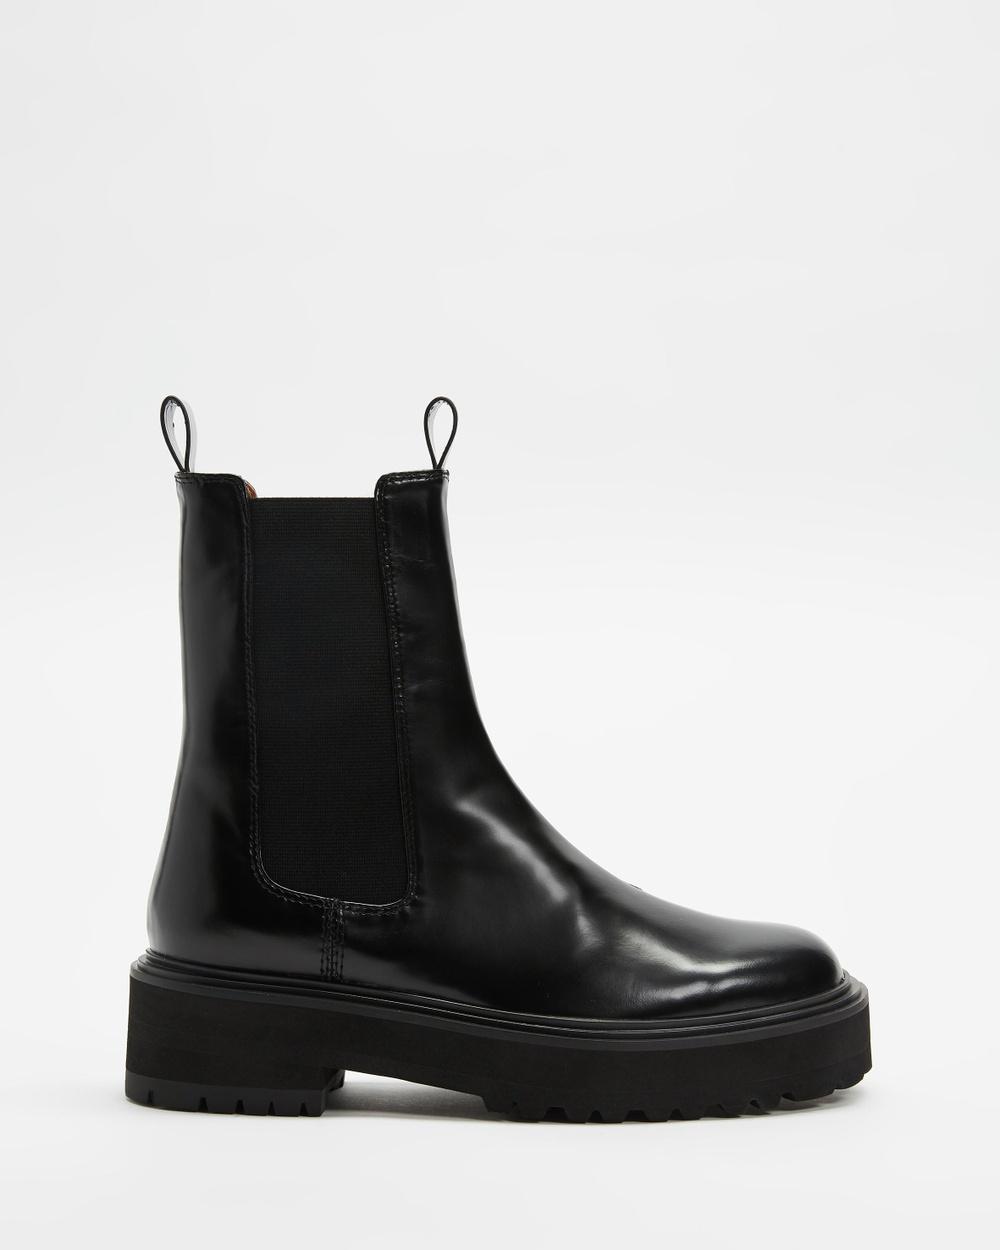 Alias Mae Robbie Boots Black Box